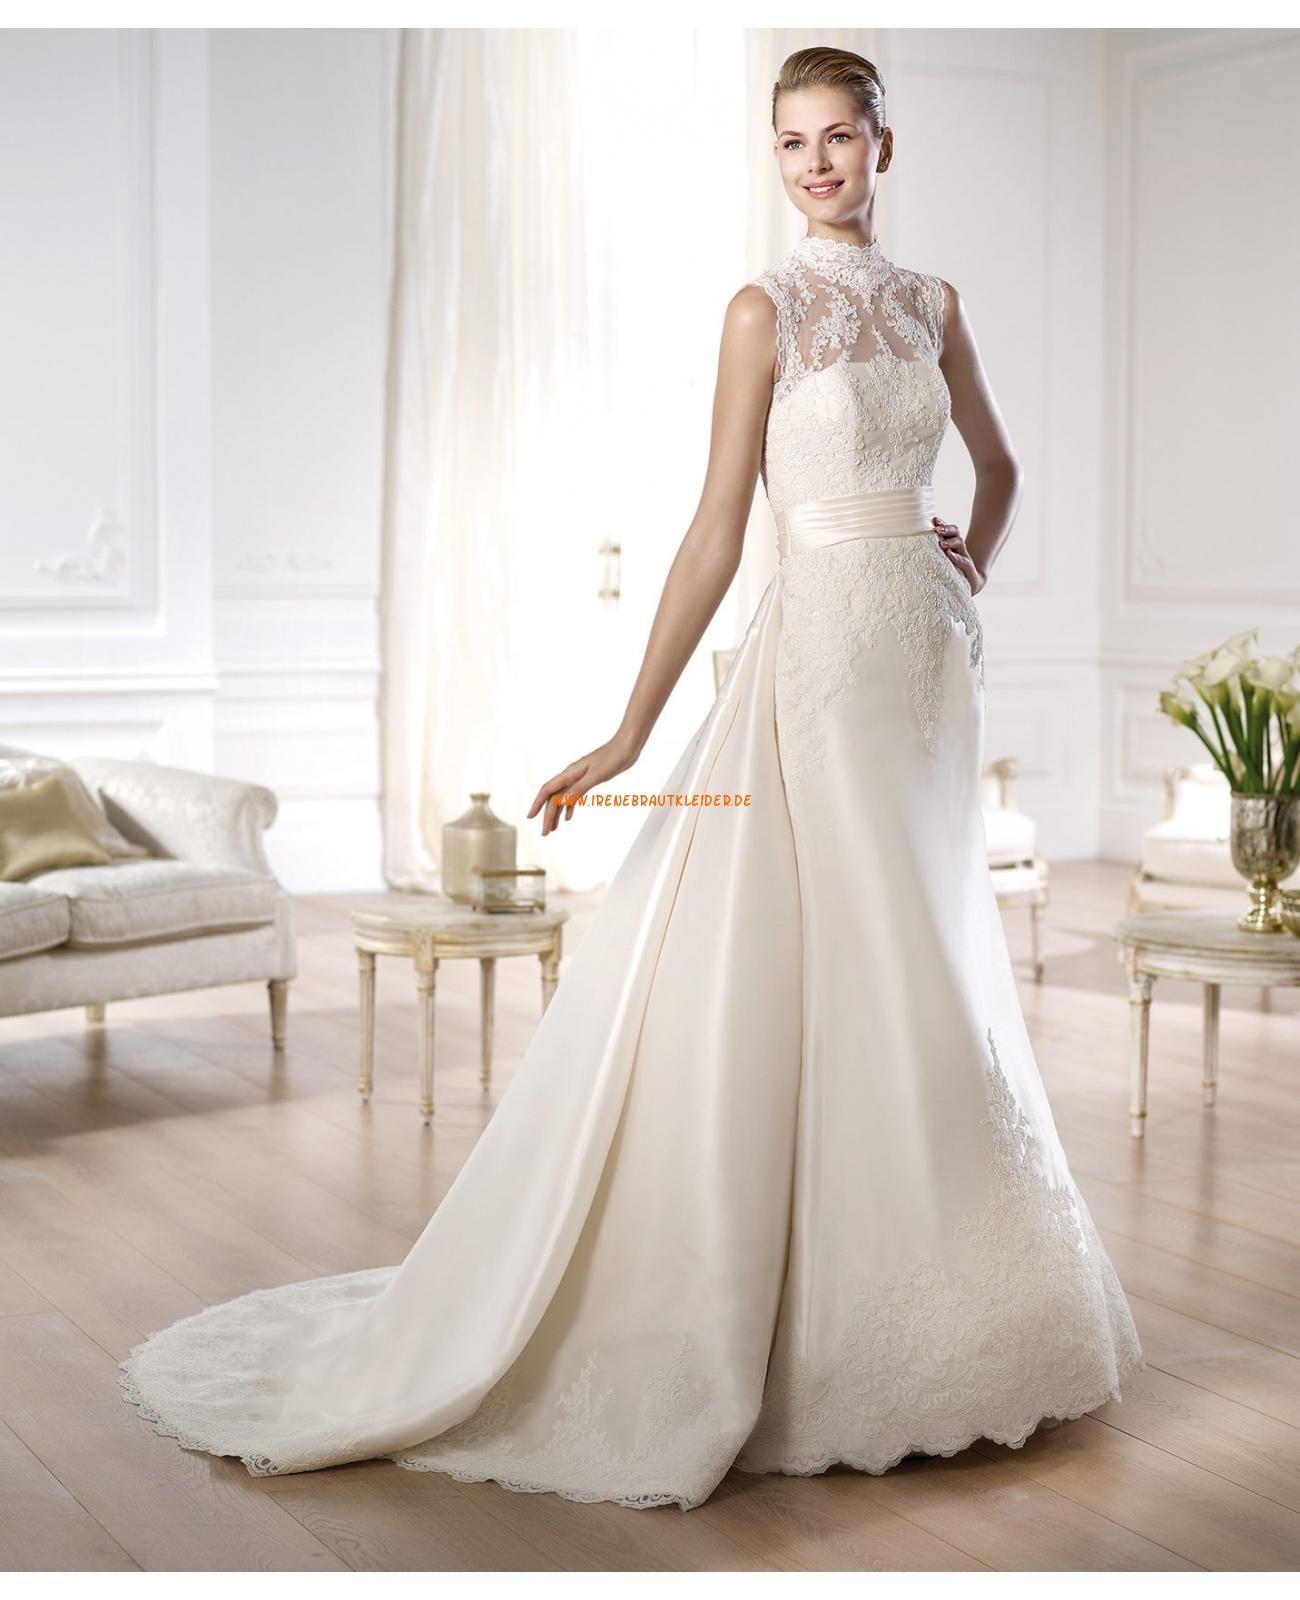 Wunderschön Elegant Brautkleider aus Satin | brautkleider 2014 ...